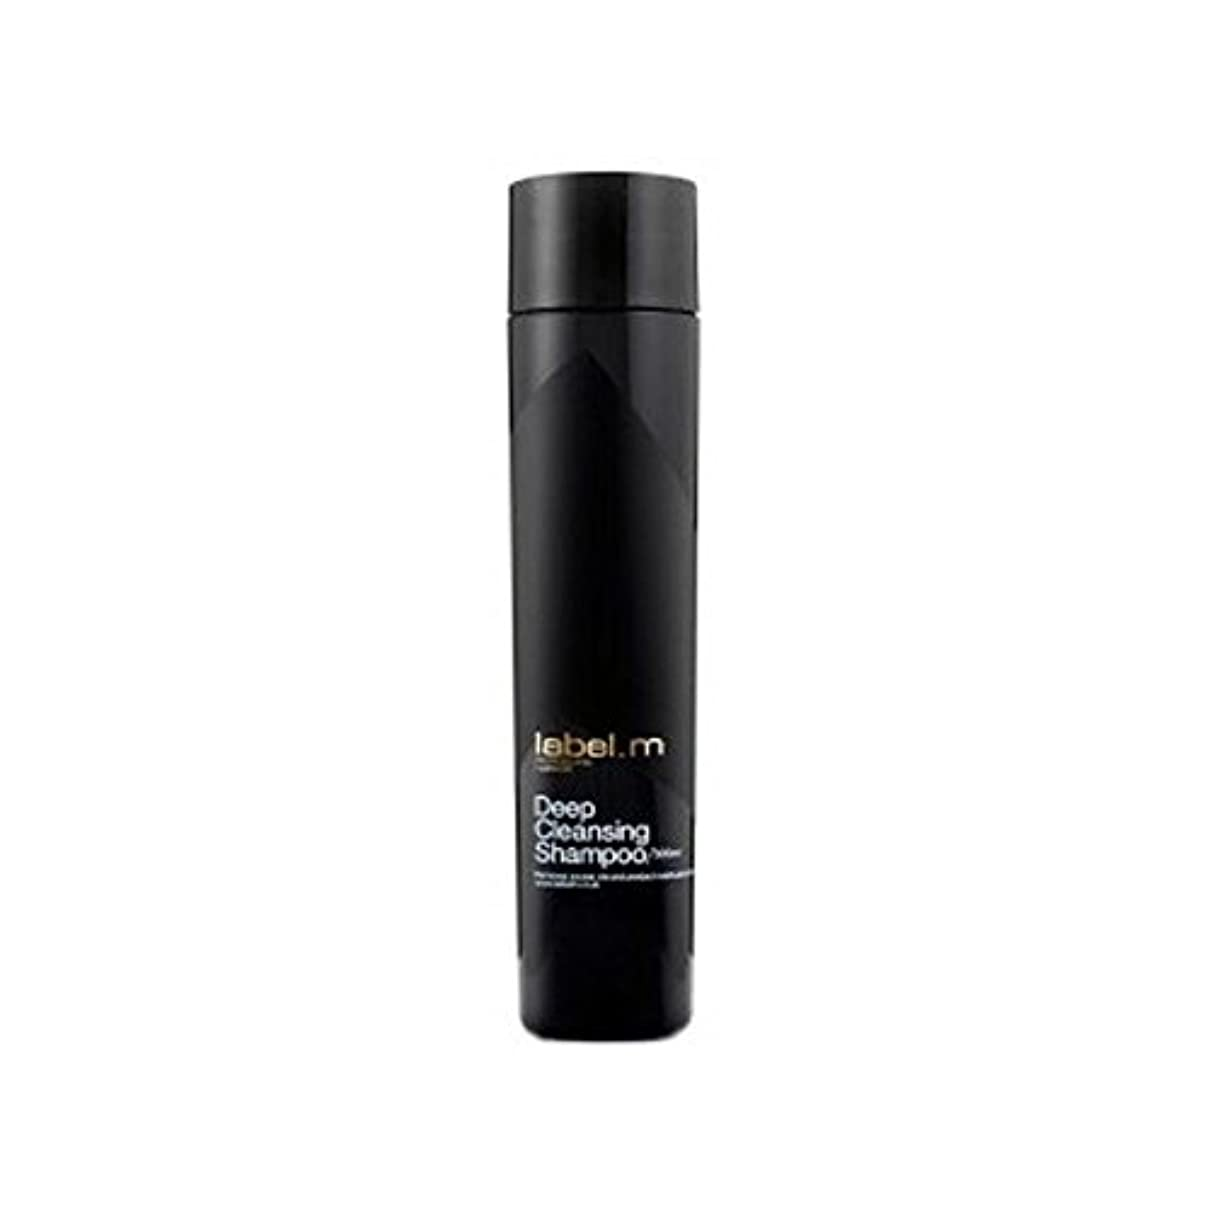 夕方漏れお誕生日.ディープクレンジングシャンプー(300ミリリットル) x4 - Label.M Deep Cleansing Shampoo (300ml) (Pack of 4) [並行輸入品]